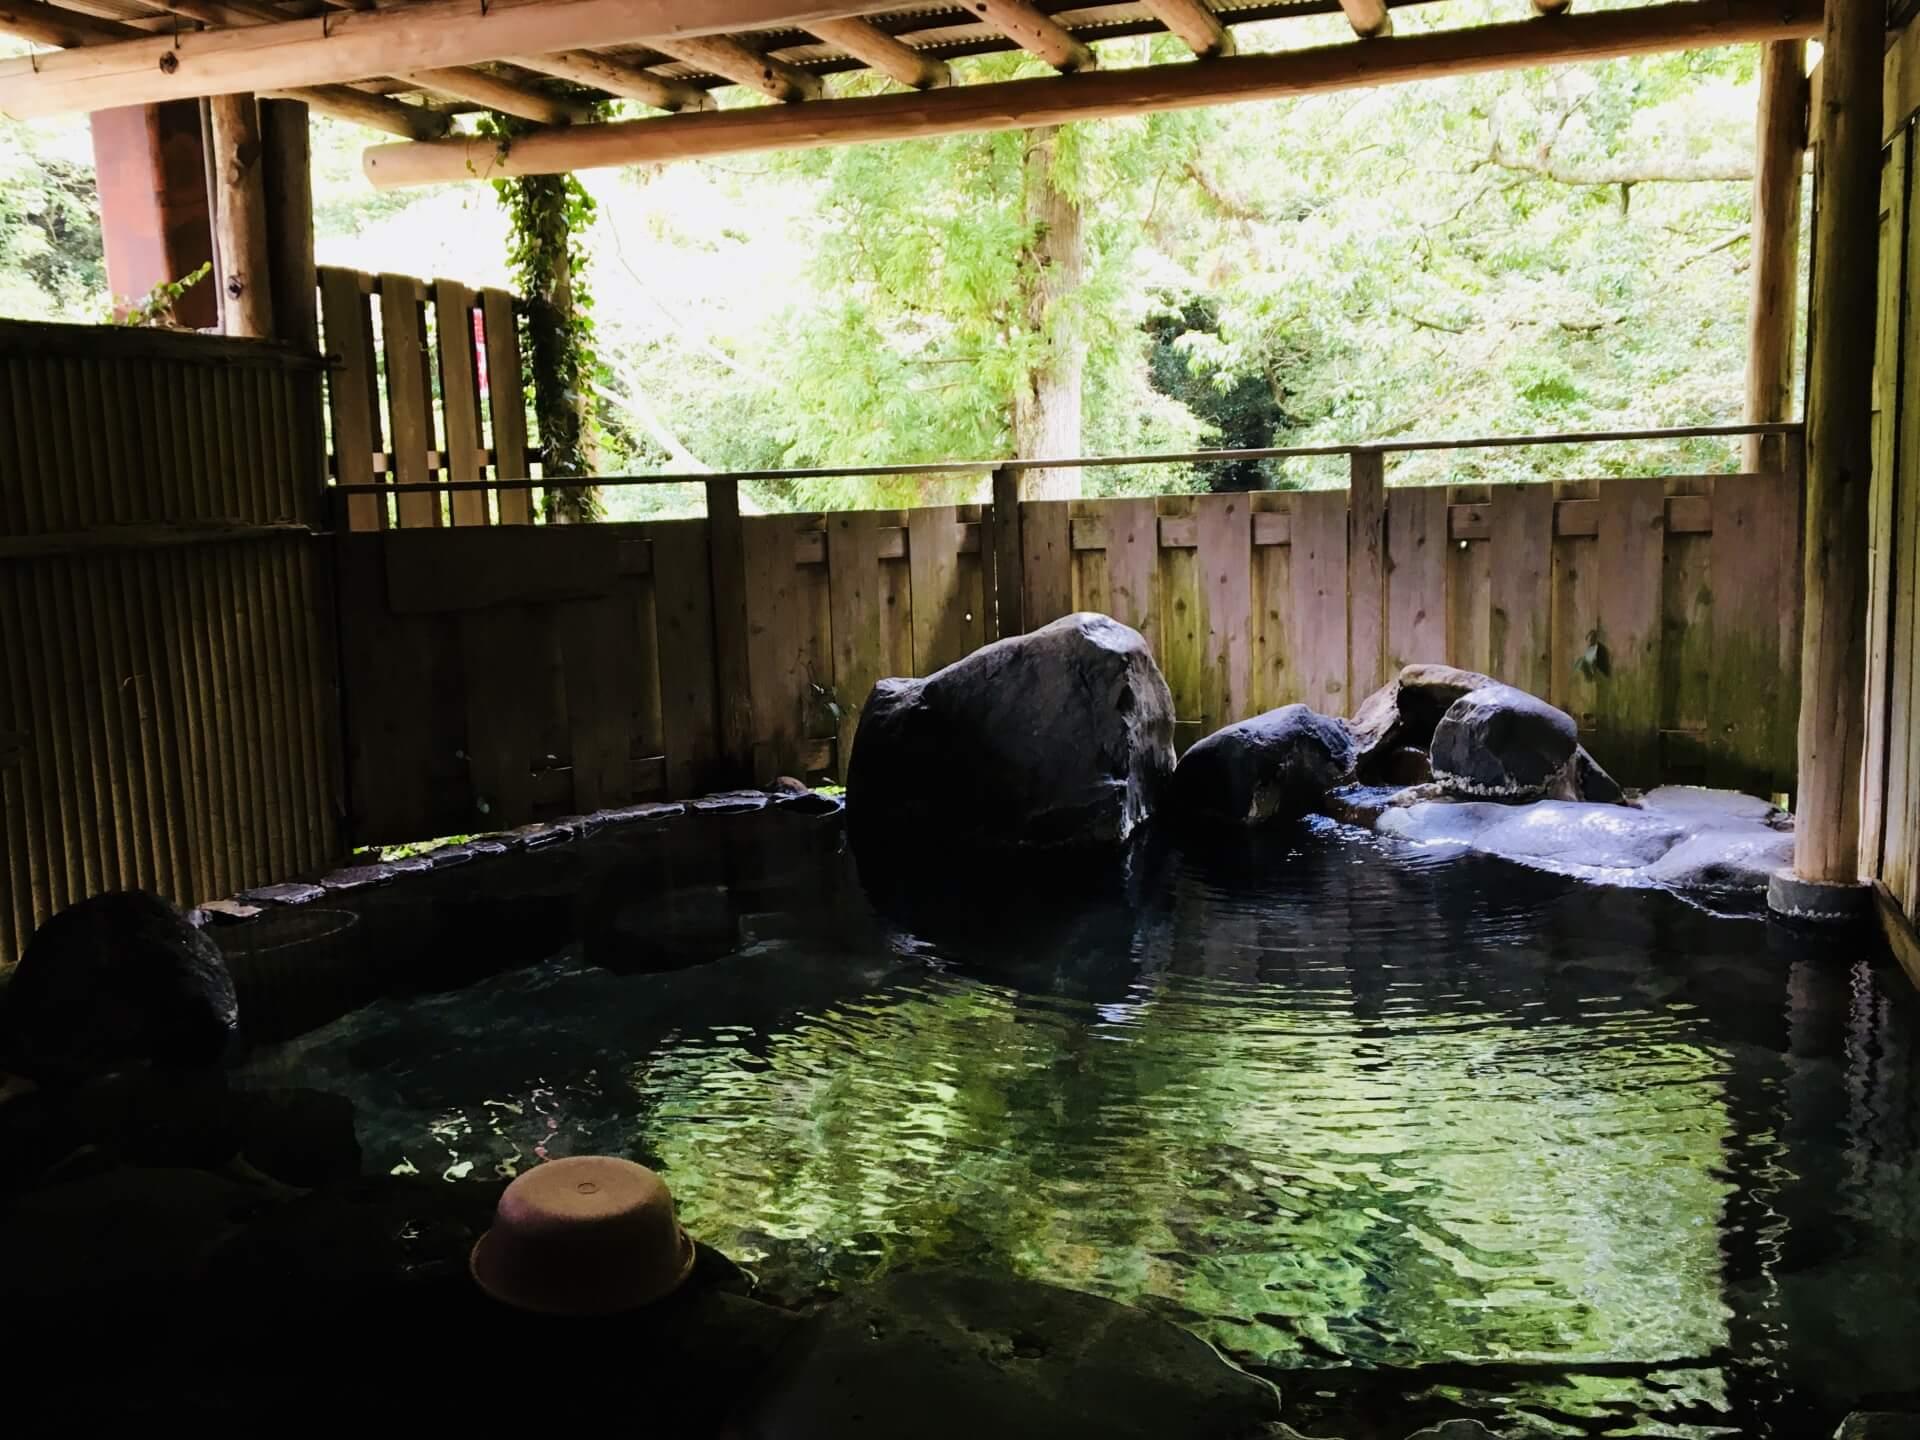 温泉は気持ちいいけど岩手には秘湯の温泉があるのかな?